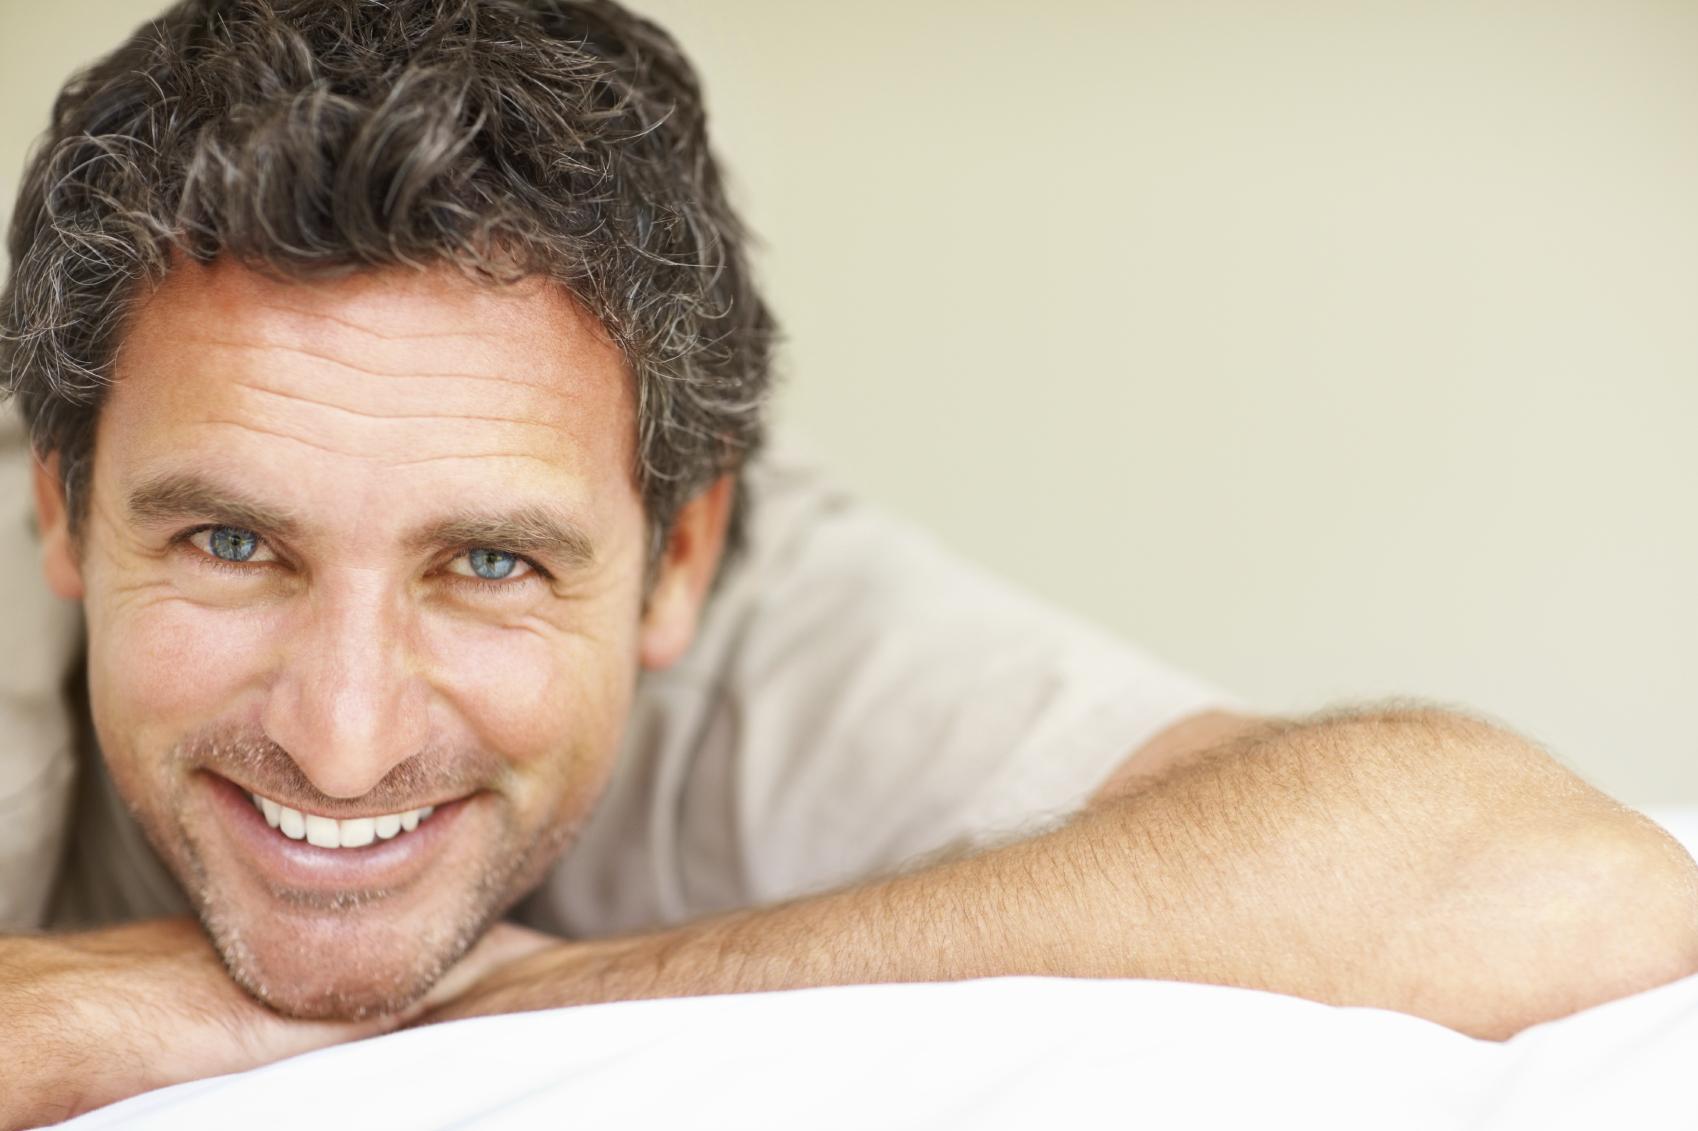 Male Hormone Therapy Viagra